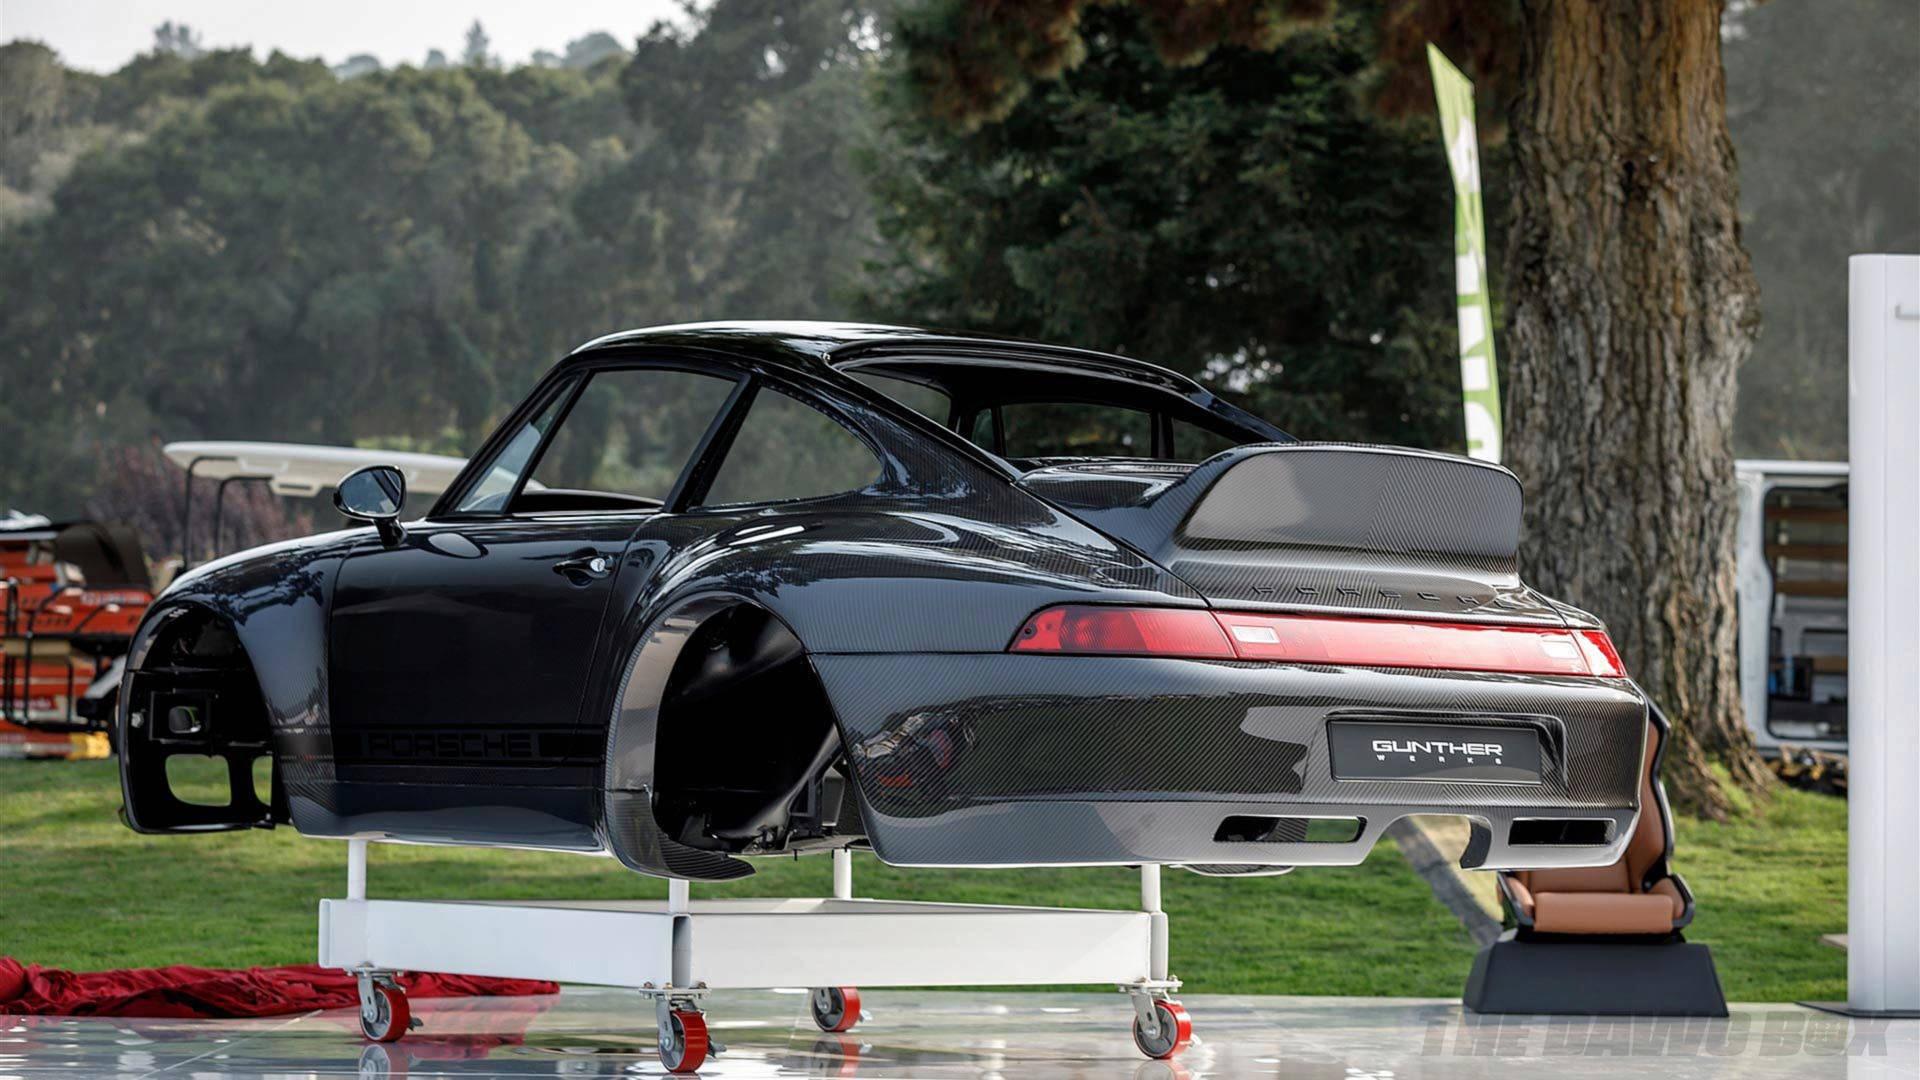 rear view of the Gunther Werks porsche carbon fiber shell